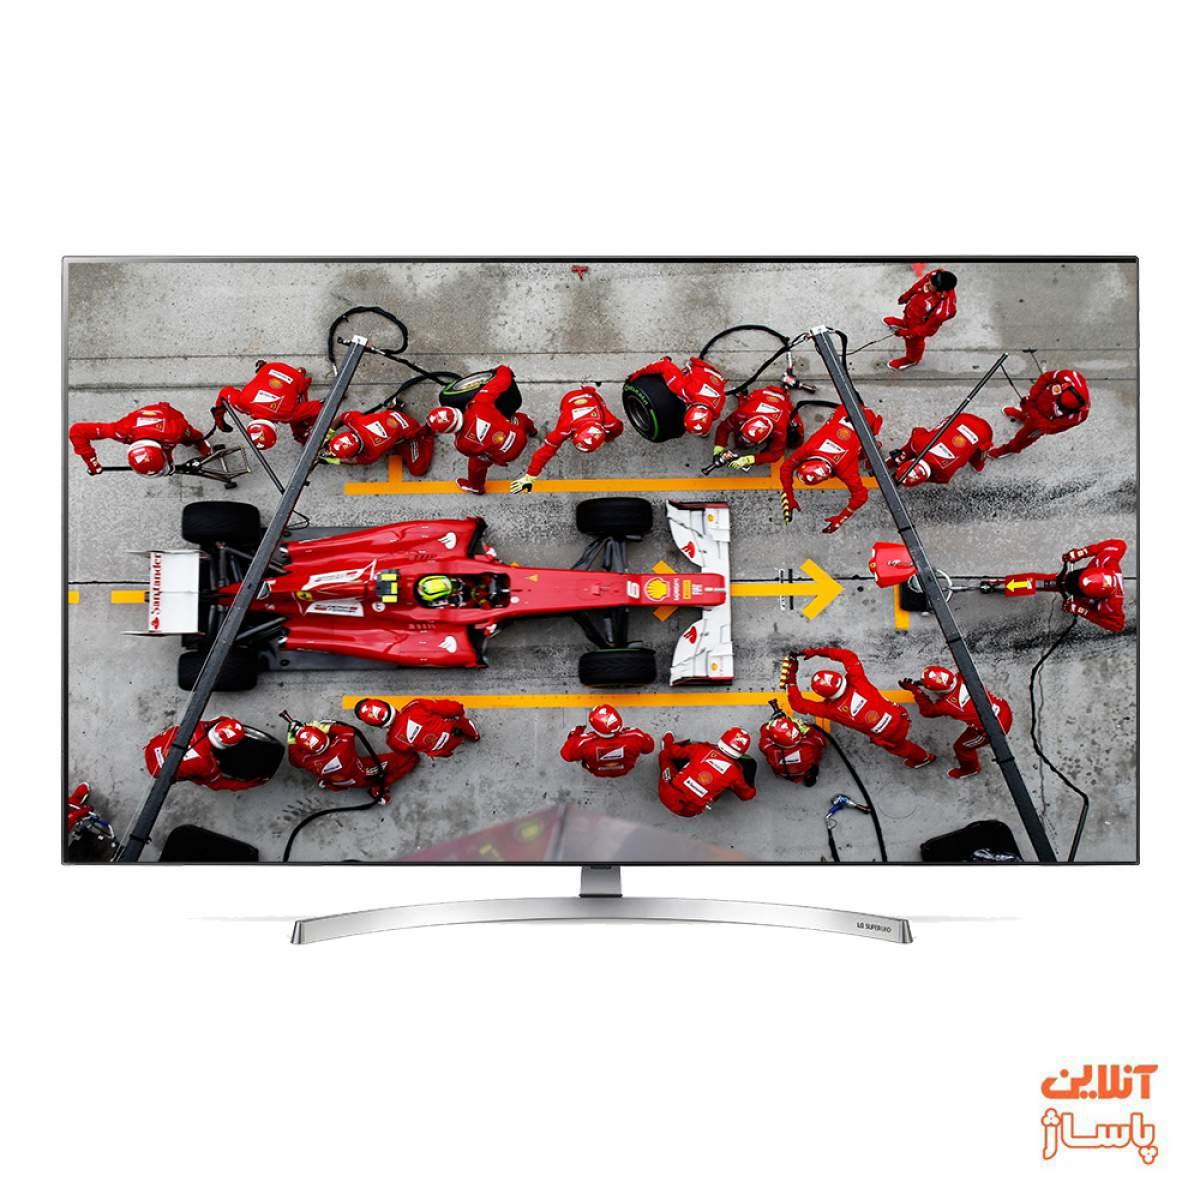 تلویزیون ال ای دی ال جی مدل 55SK85000GI سایز 55 اینچ